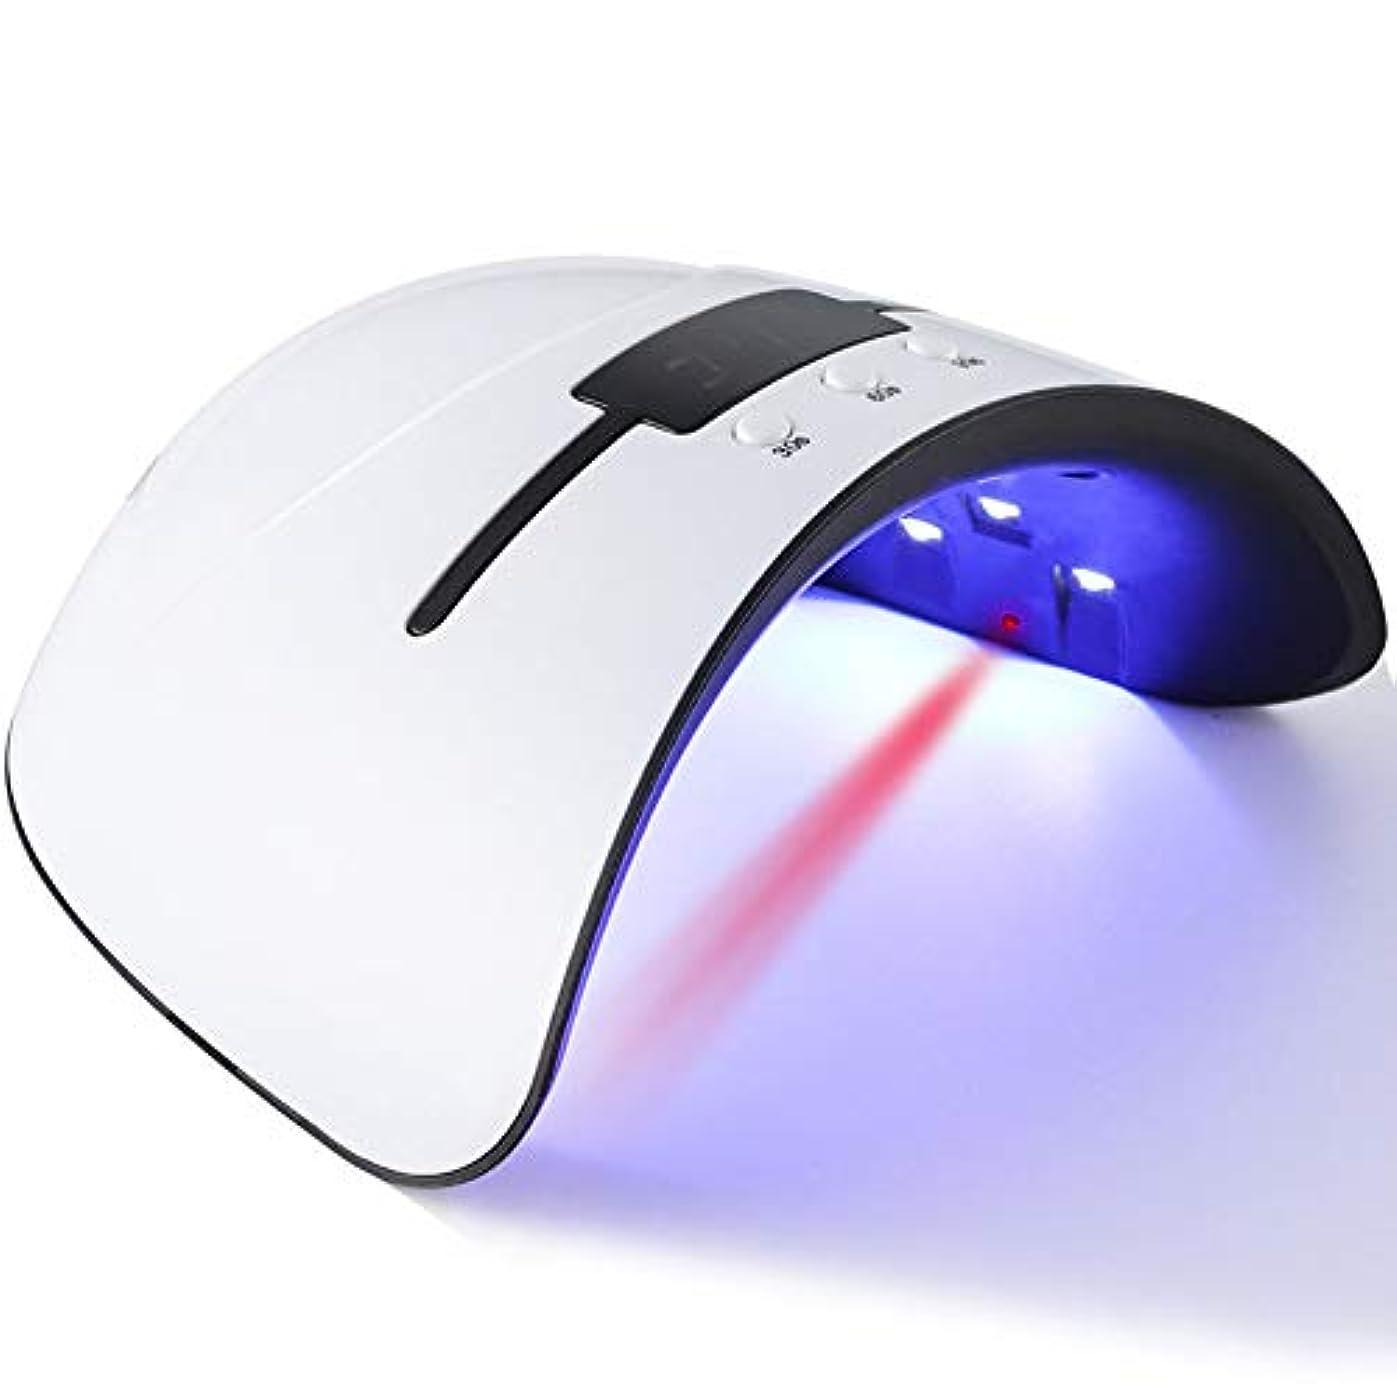 マットフック監査硬化ライト ネイルlight ジェルネイル LED ネイルドライヤー 日本語説明書付属 36W 無痛硬化 赤外線検知